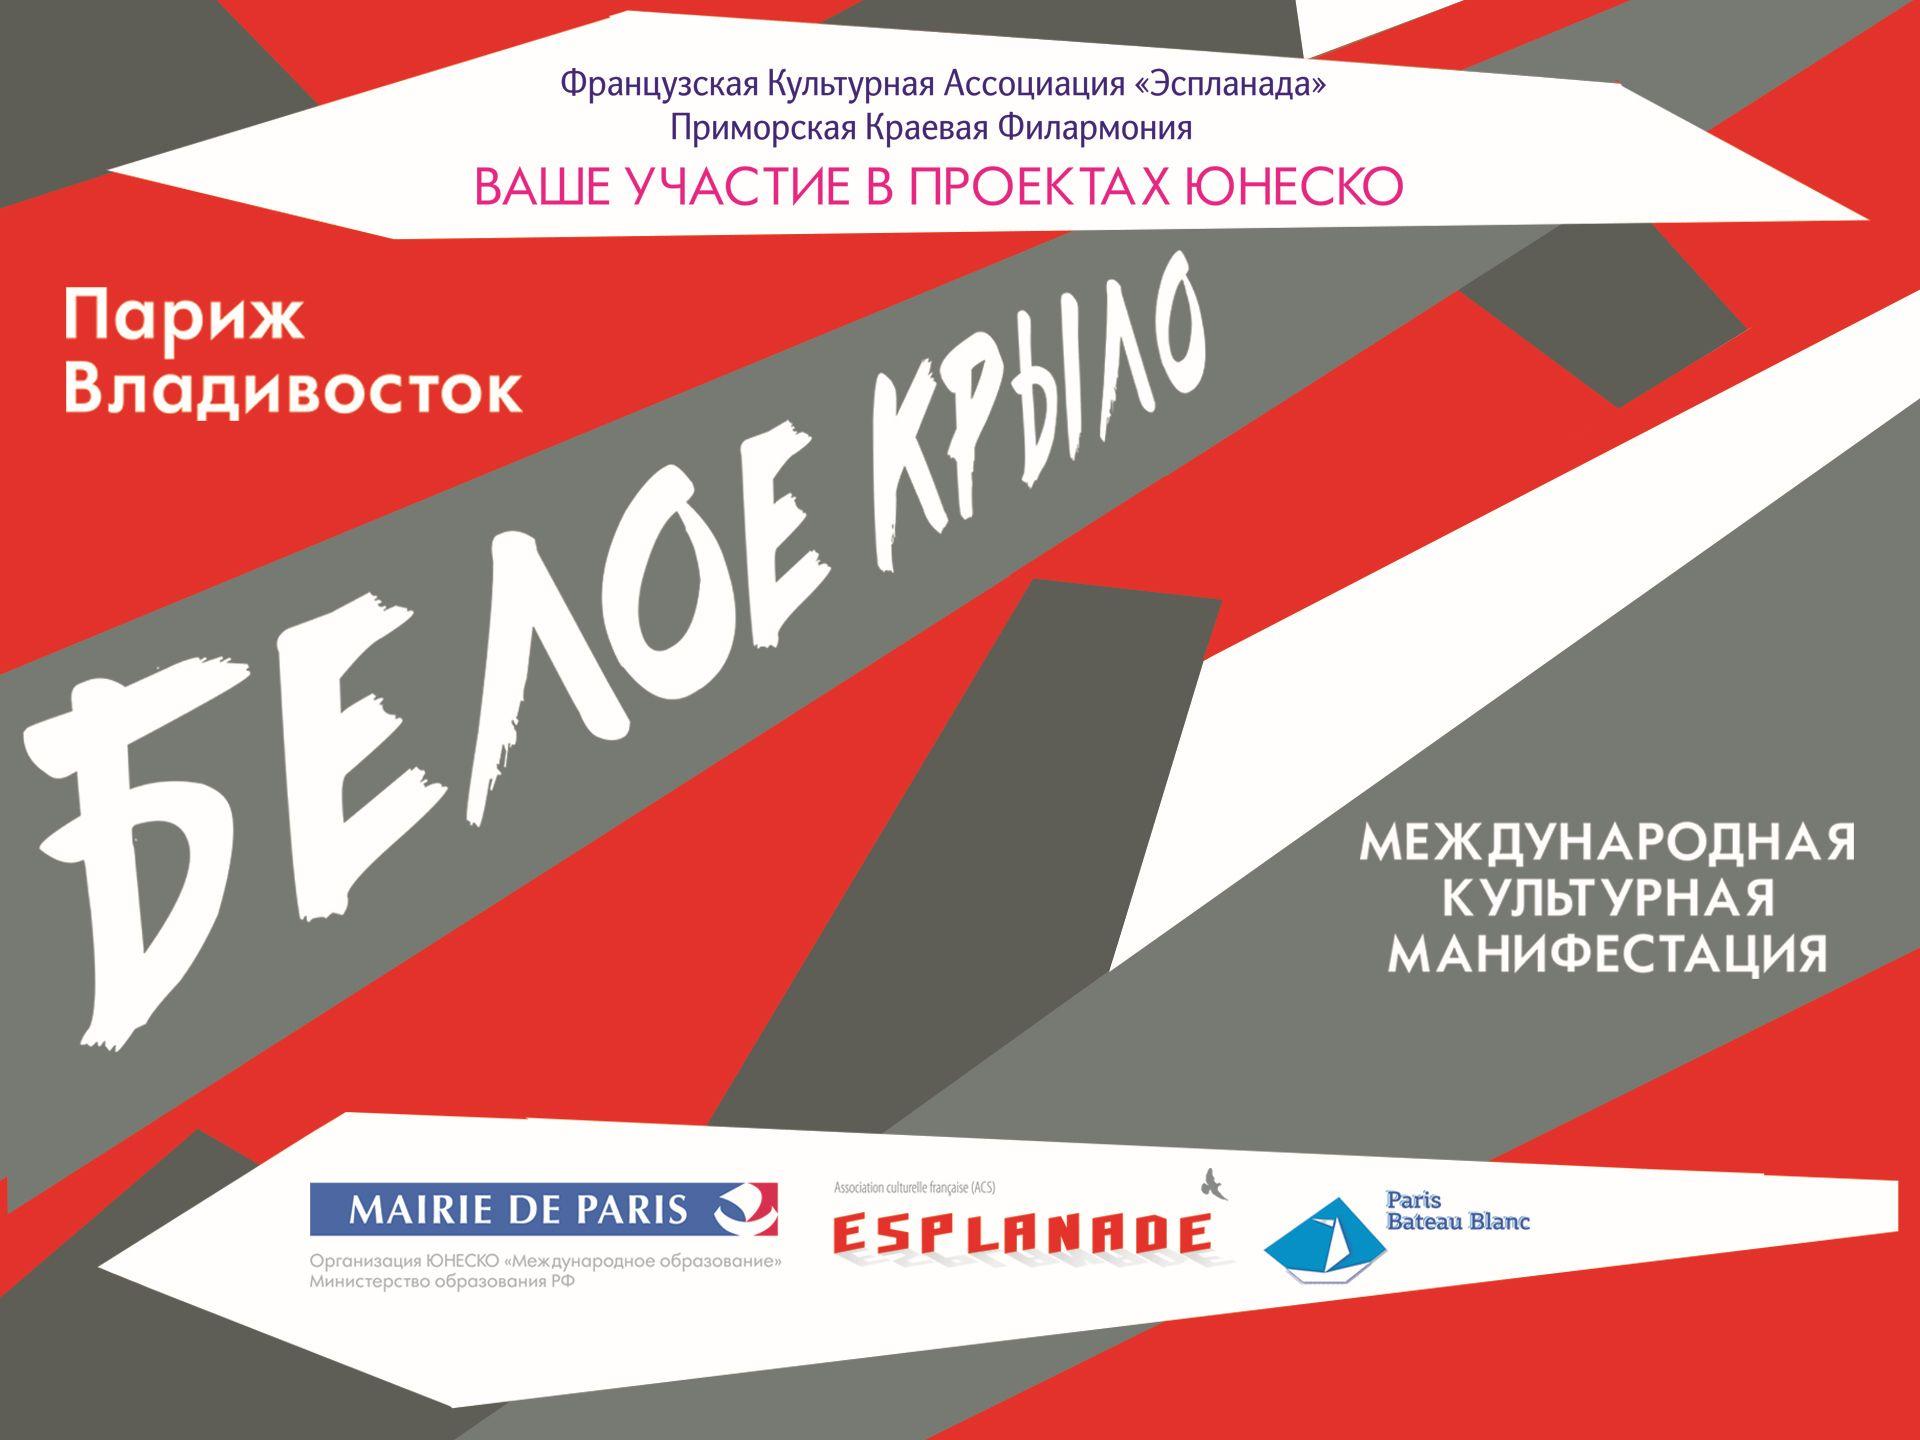 """24 ноября Большой Гала-Концерт """"БЕЛОЕ КРЫЛО"""" Париж-Владивосток"""